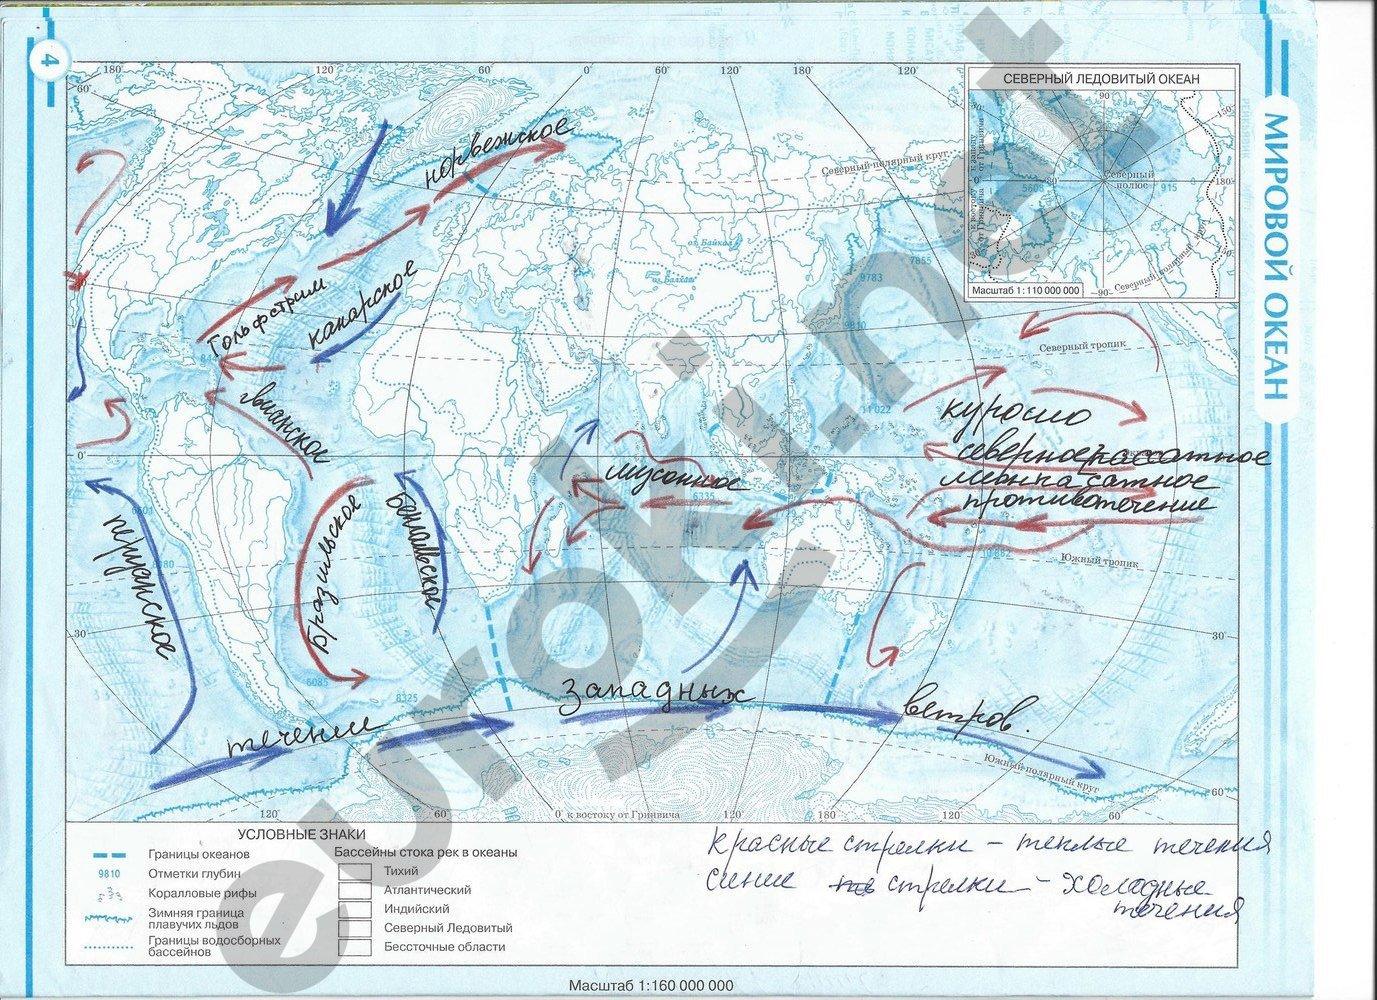 Гдз По Контурным Картам 5 Класс География Курбский